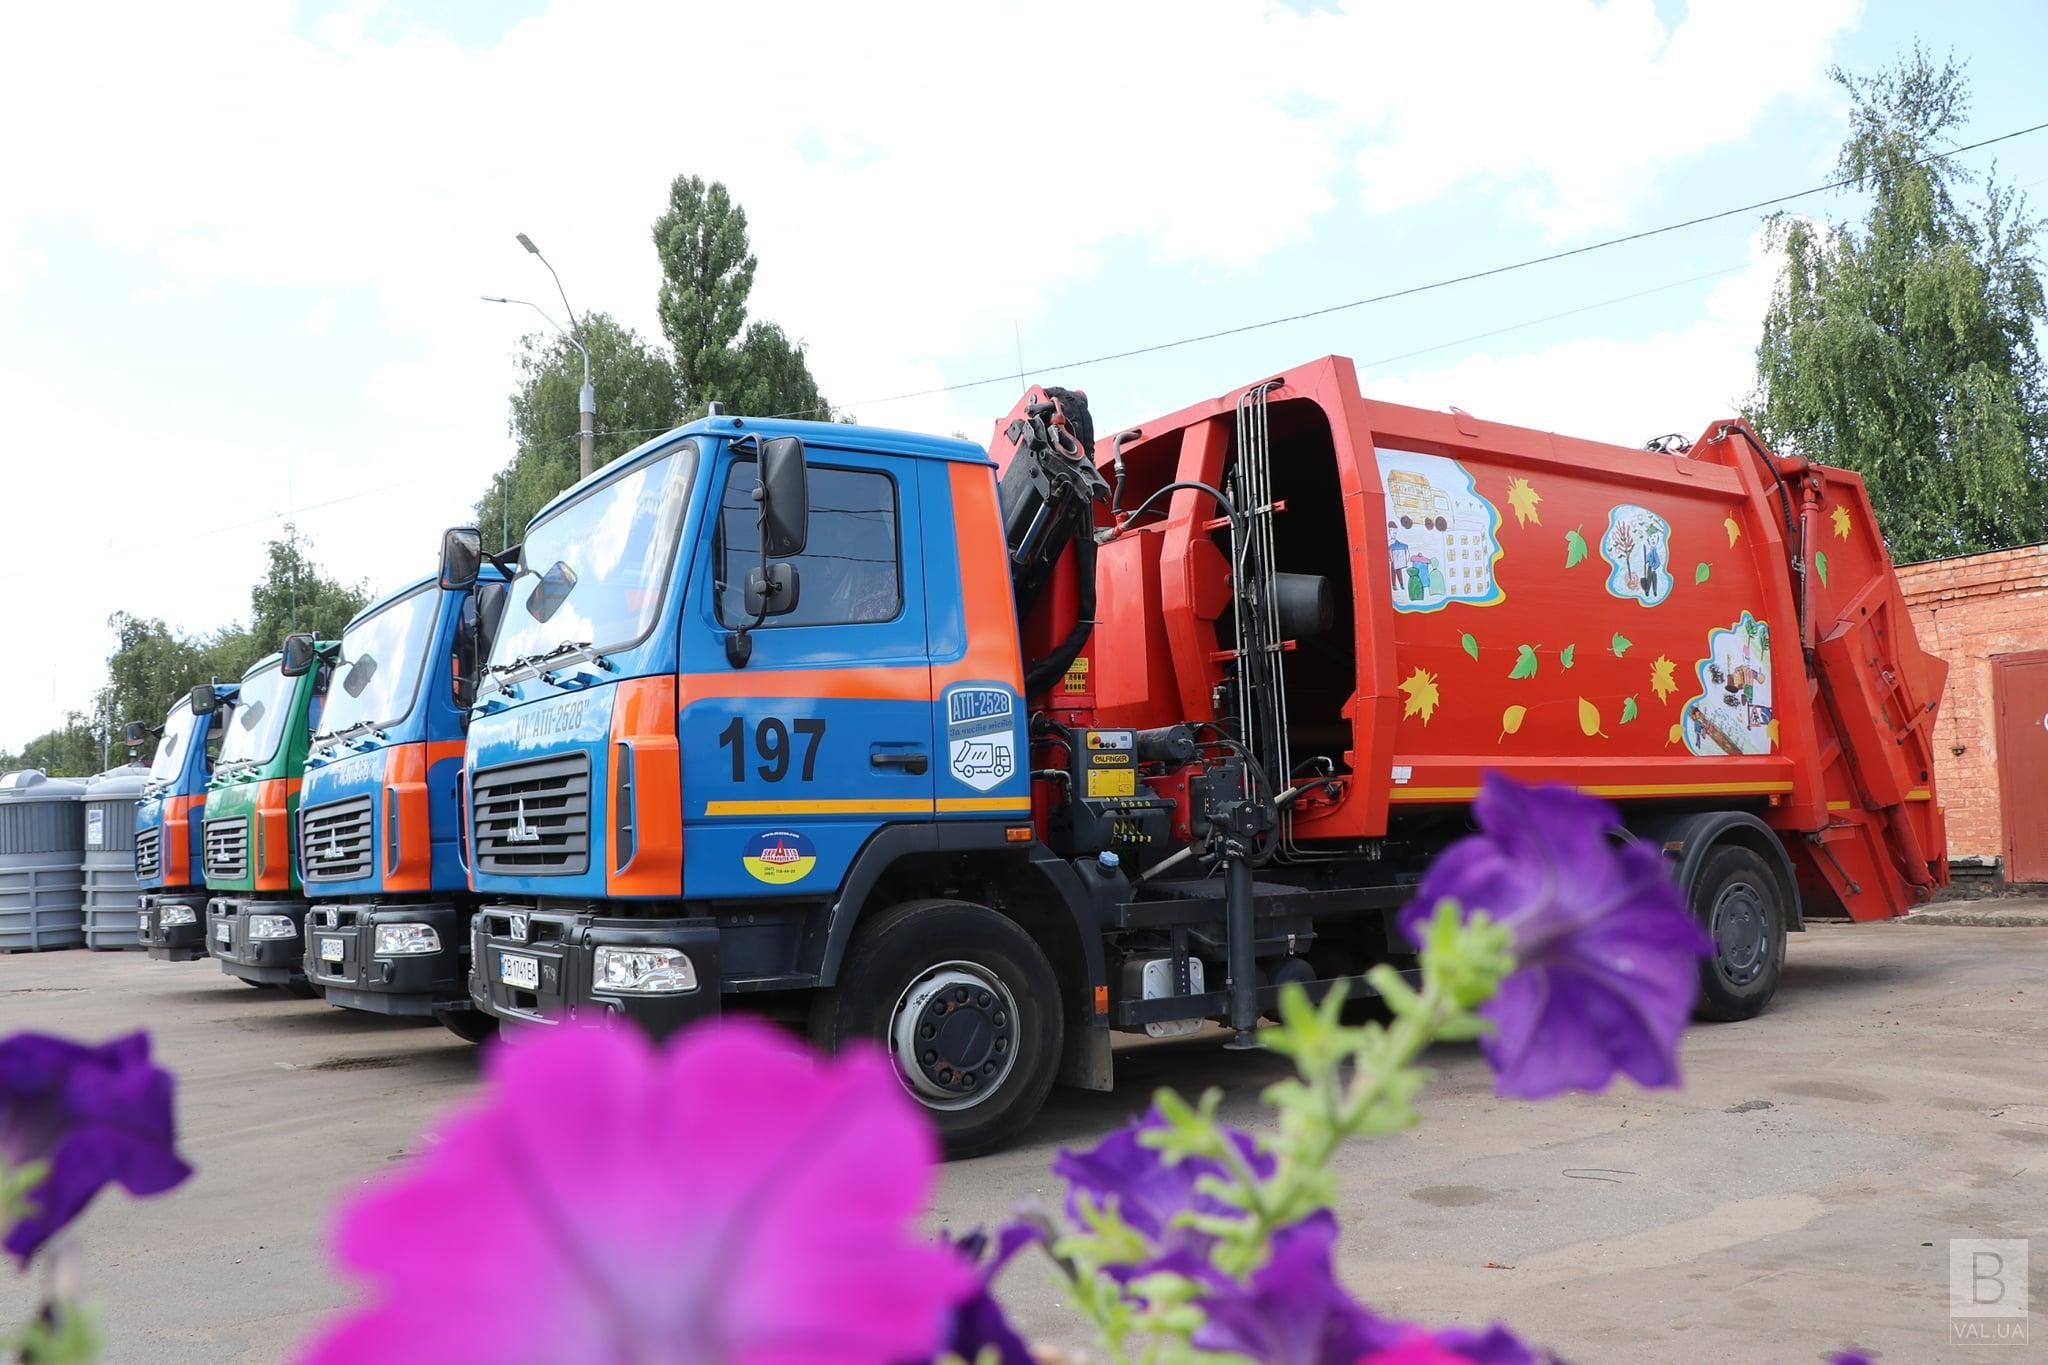 У Чернігові вирішили прикрасити сміттєвози дитячими малюнками. ФОТО